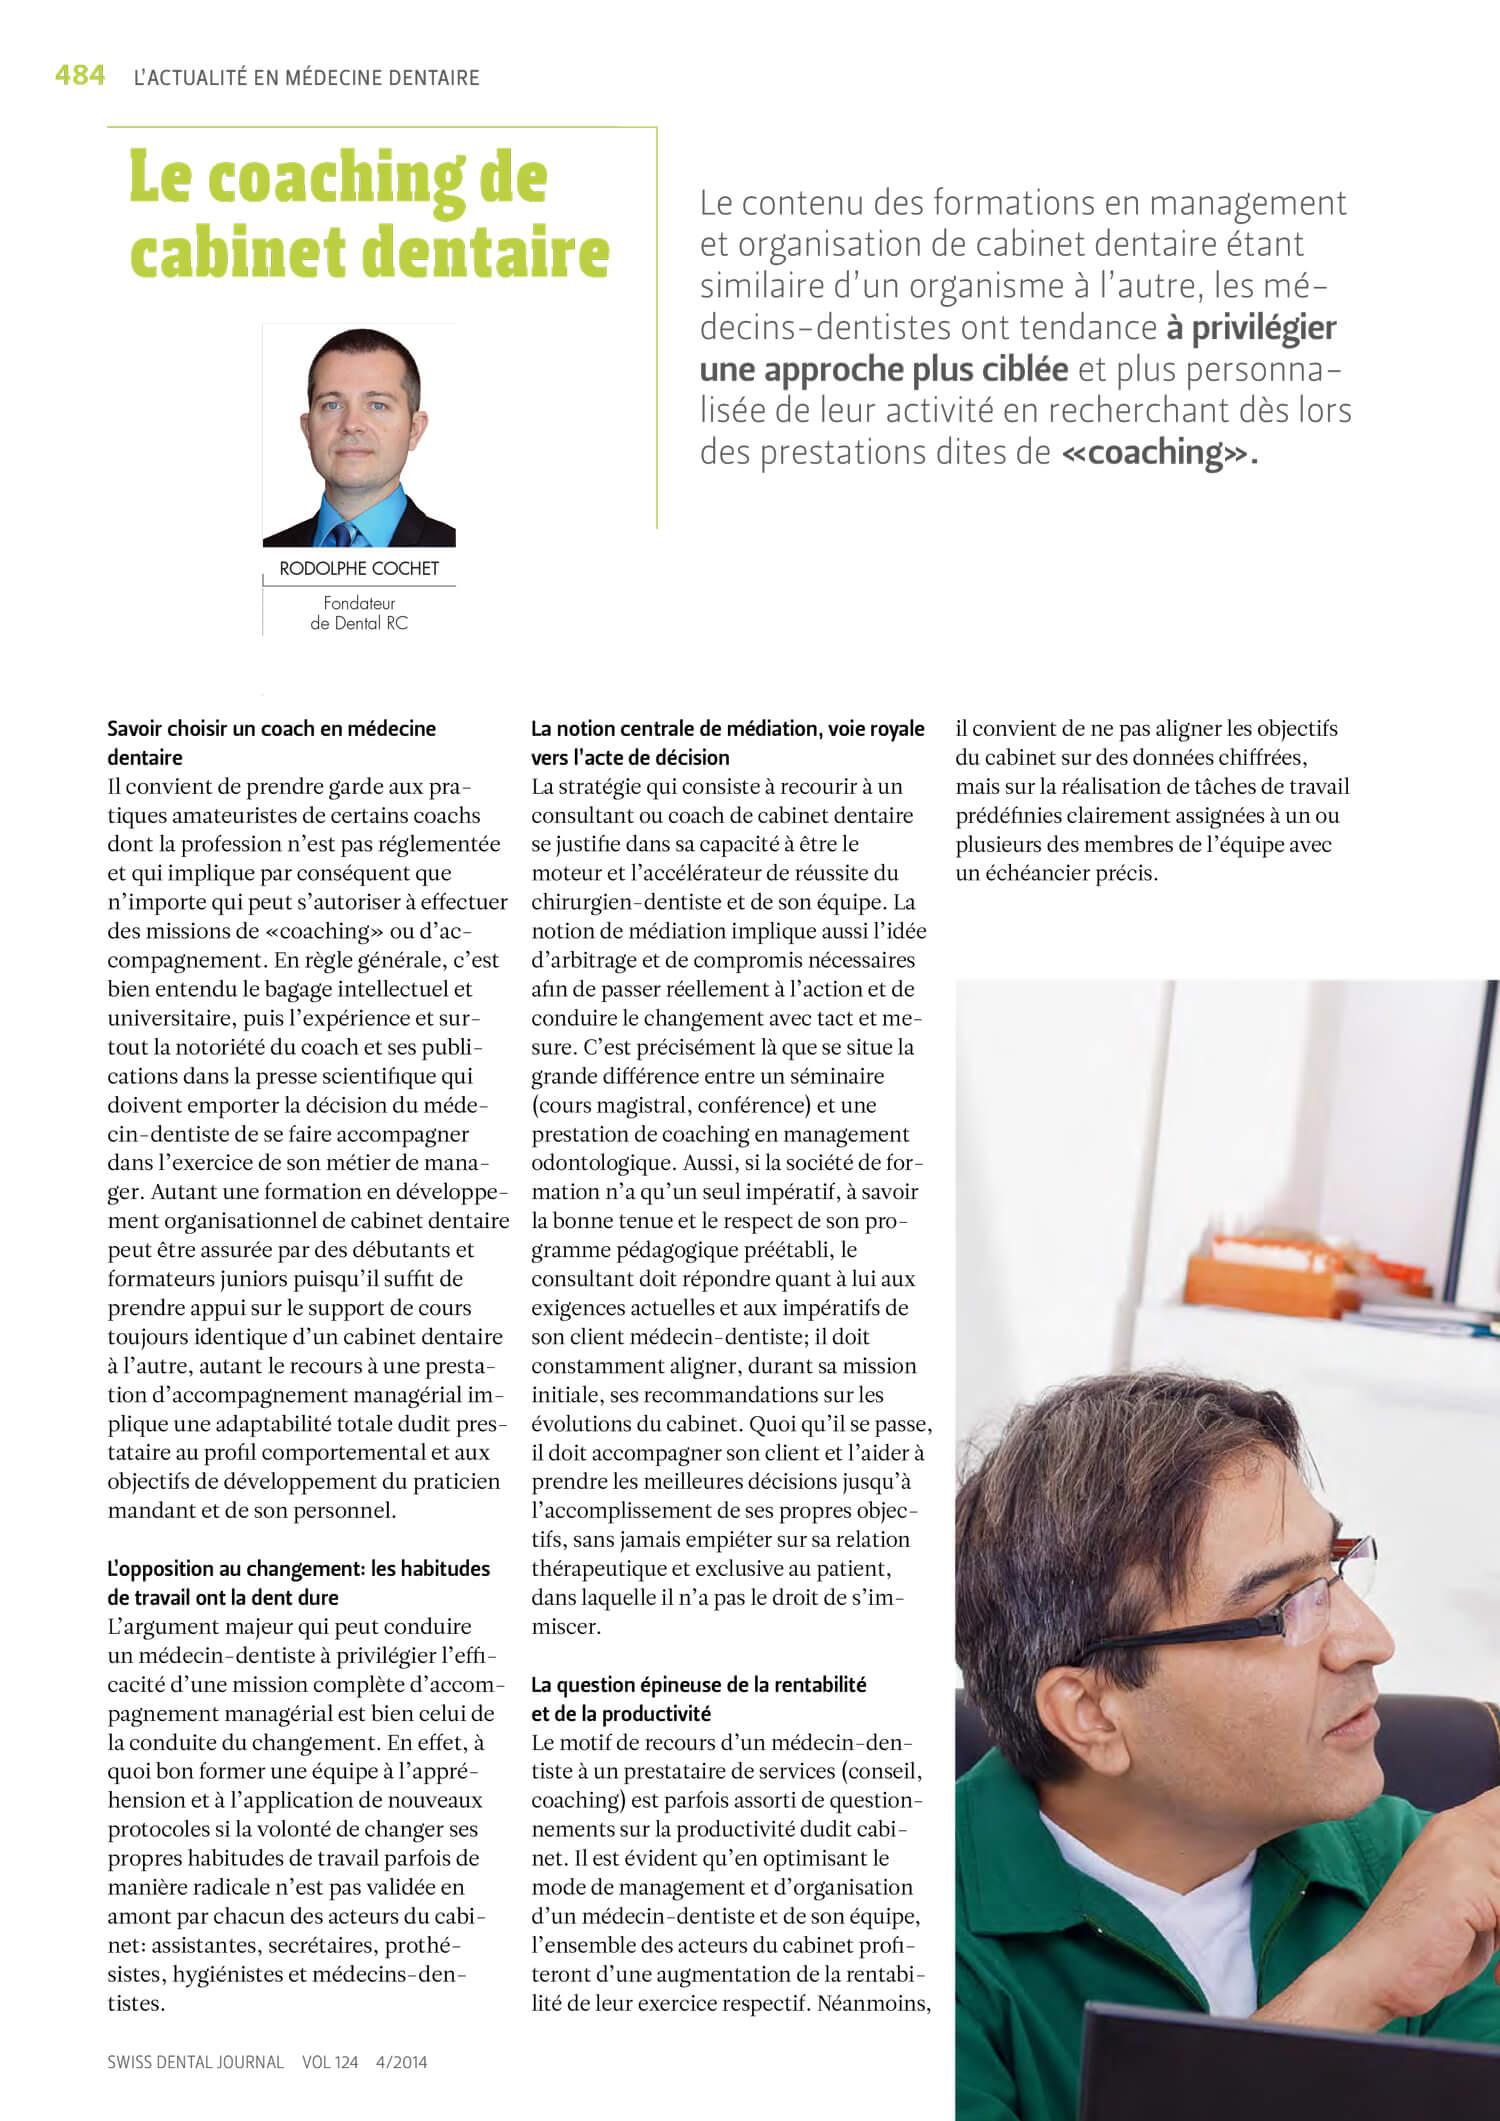 Coaching-dentiste-cabinet-dentaire-Rodolphe-Cochet-Swiss-dental-journal.jpg